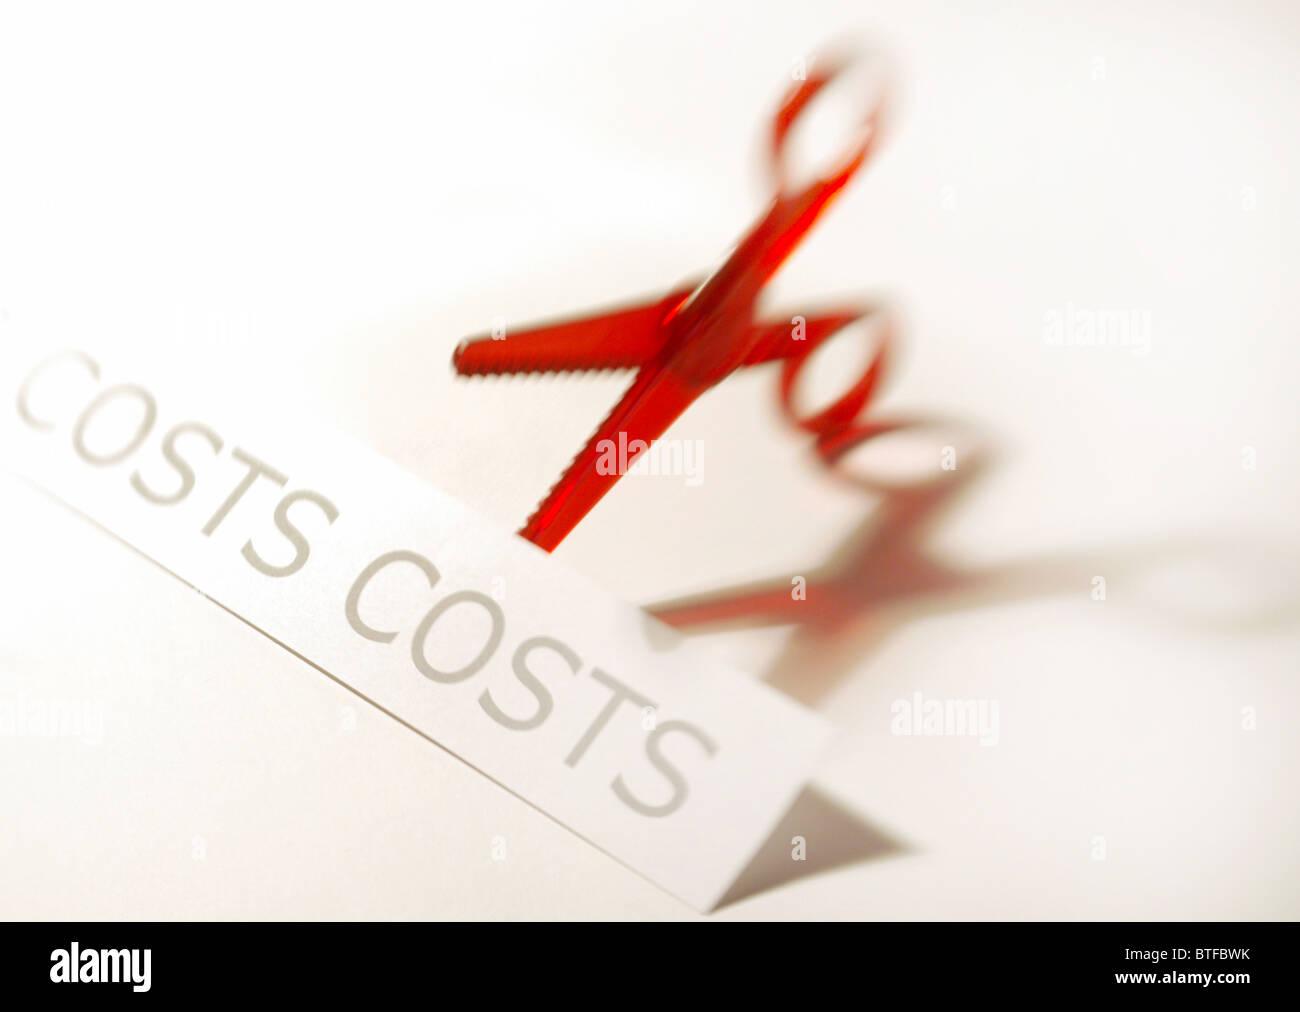 Austritt, schneiden kostet Konzept Darstellung rot Schere und kostet Grafik. Stockbild